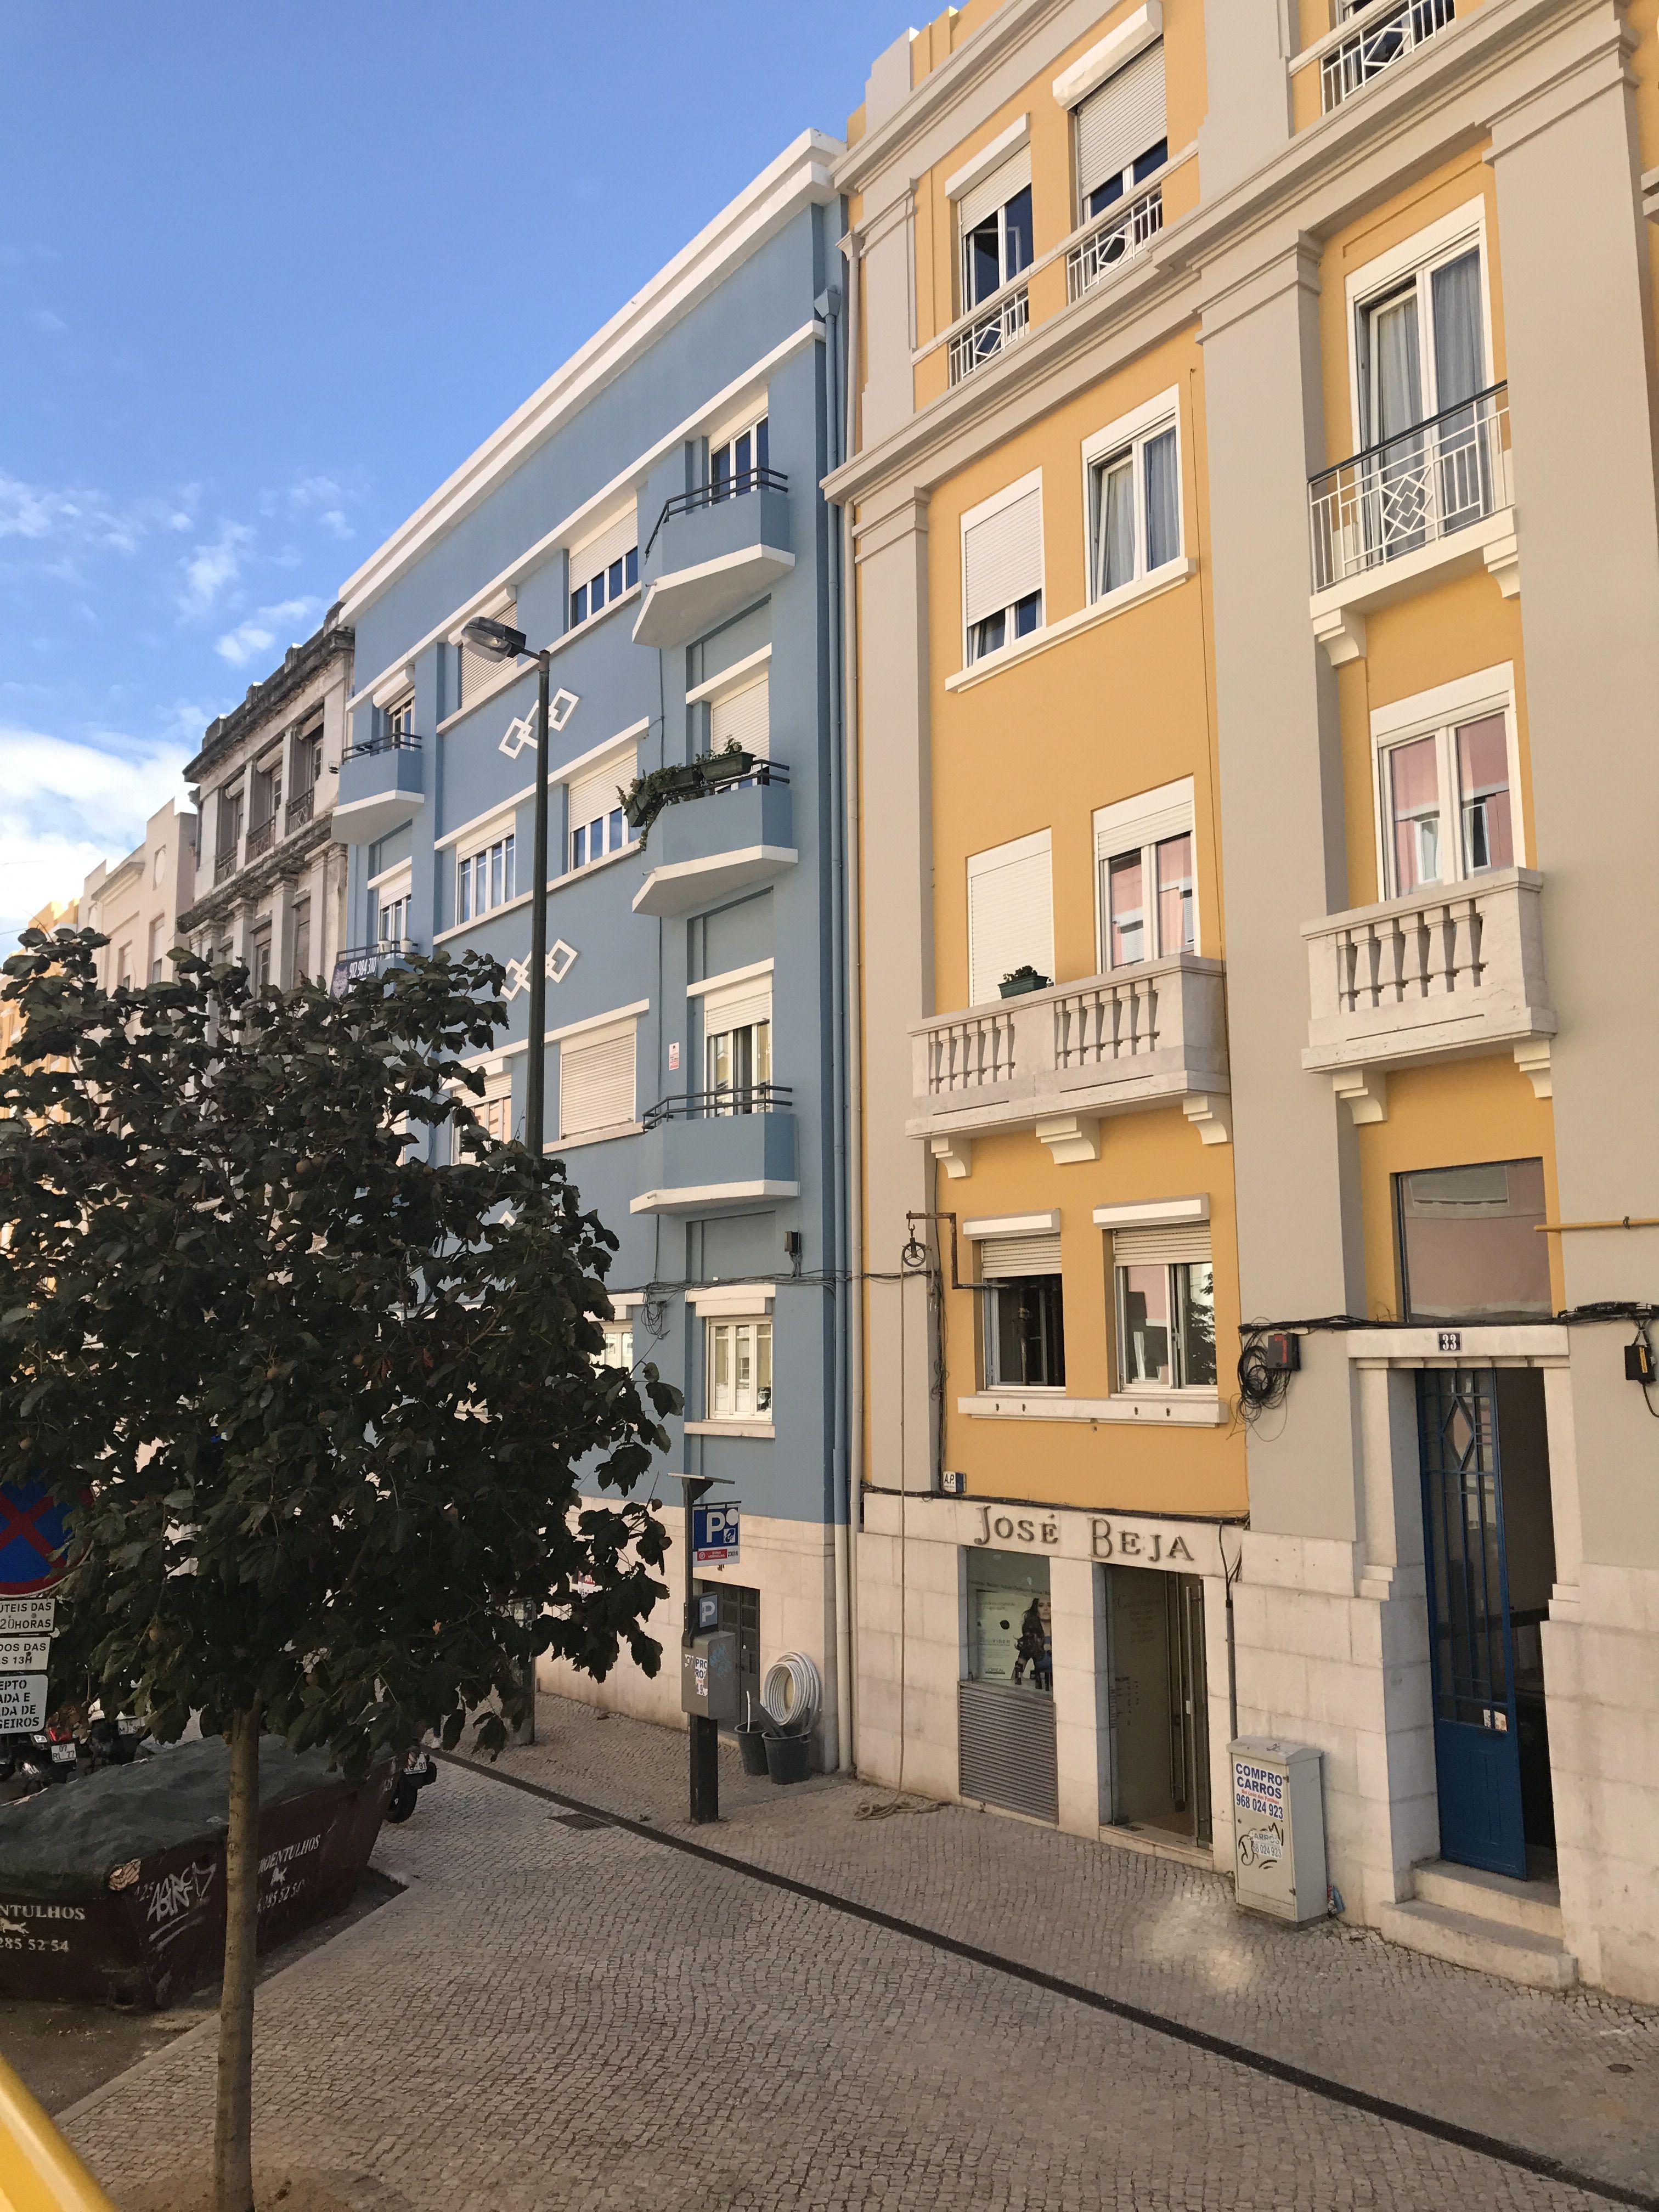 Pin de NINA ESTEVEZ em LISBOA Portugal Lisboa portugal